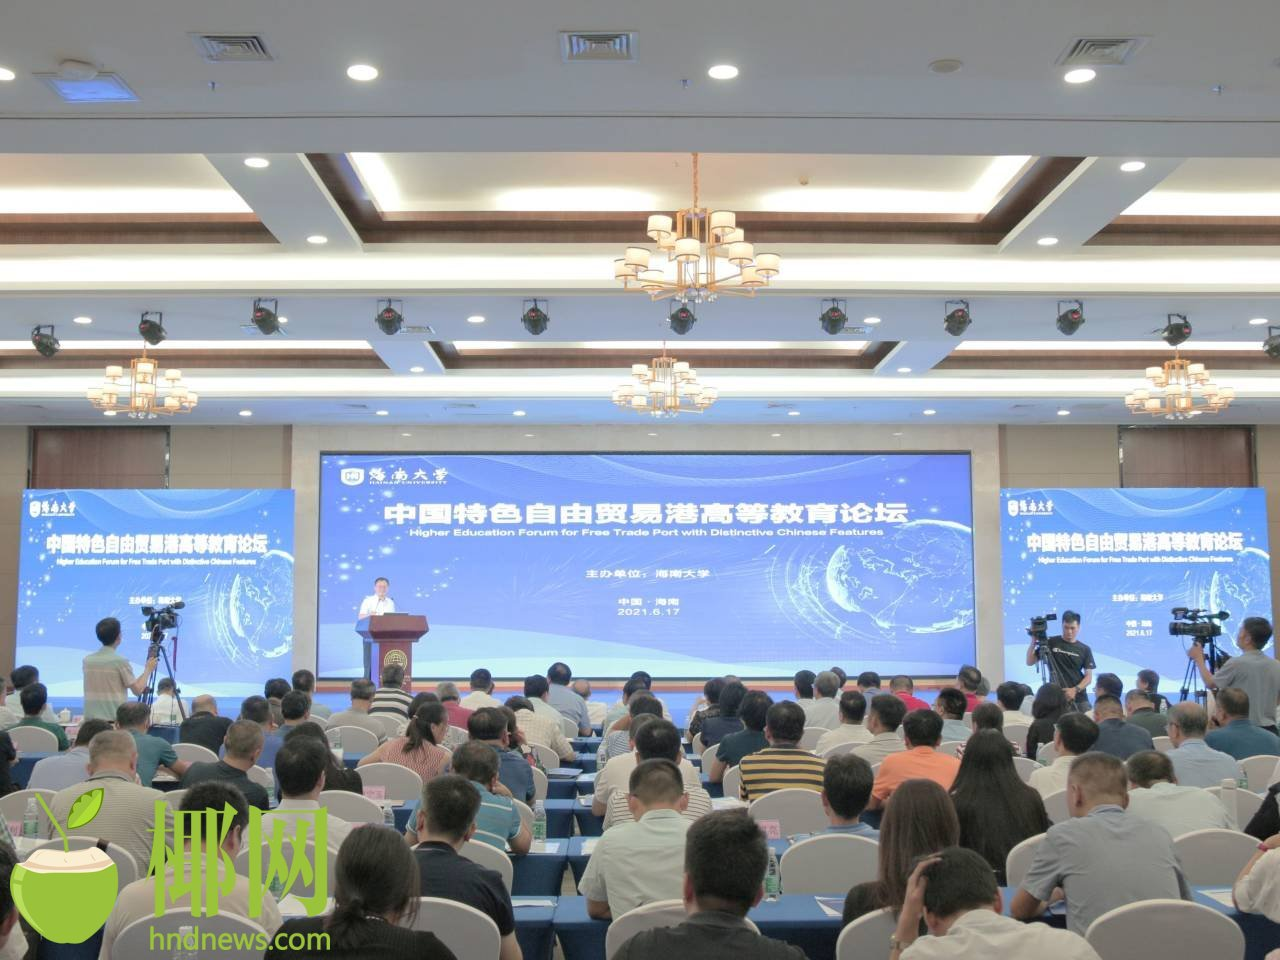 海南大学举办中国特色自由贸易港高等教育论坛